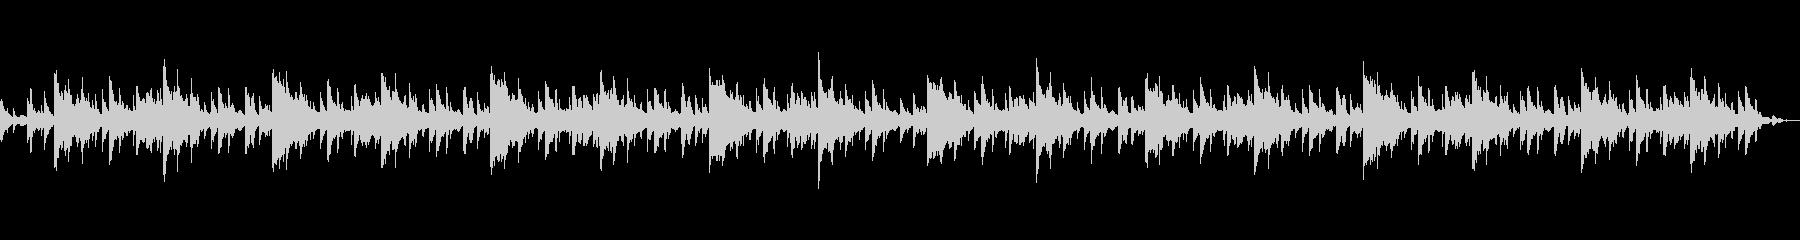 ホラー風BGM -別れ-の未再生の波形